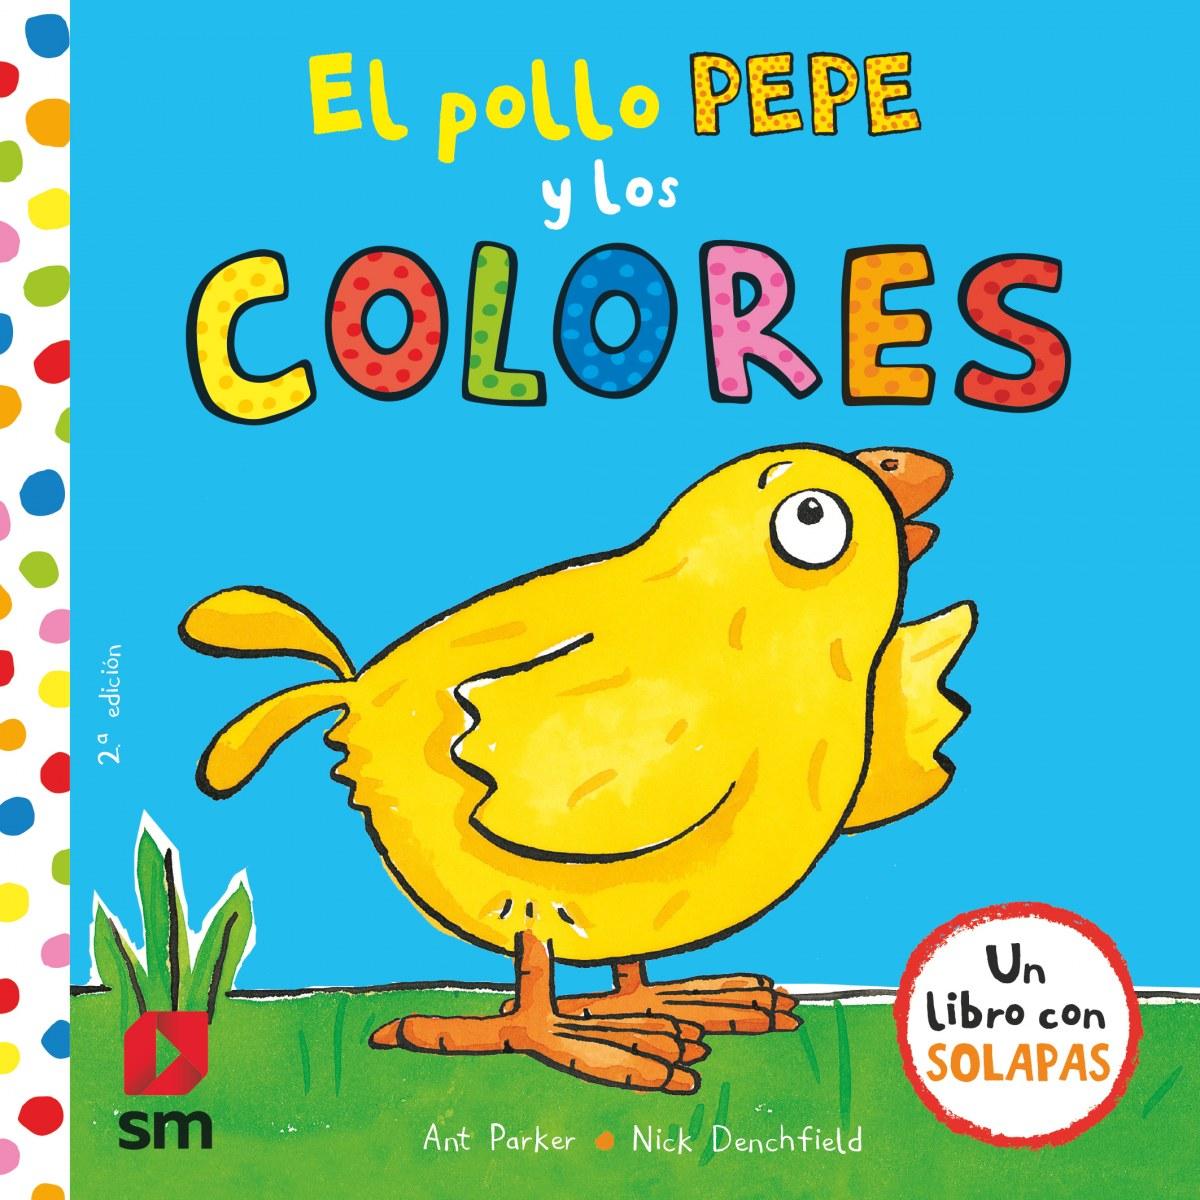 EL POLLO PEPE Y LOS COLORES 9788467593389